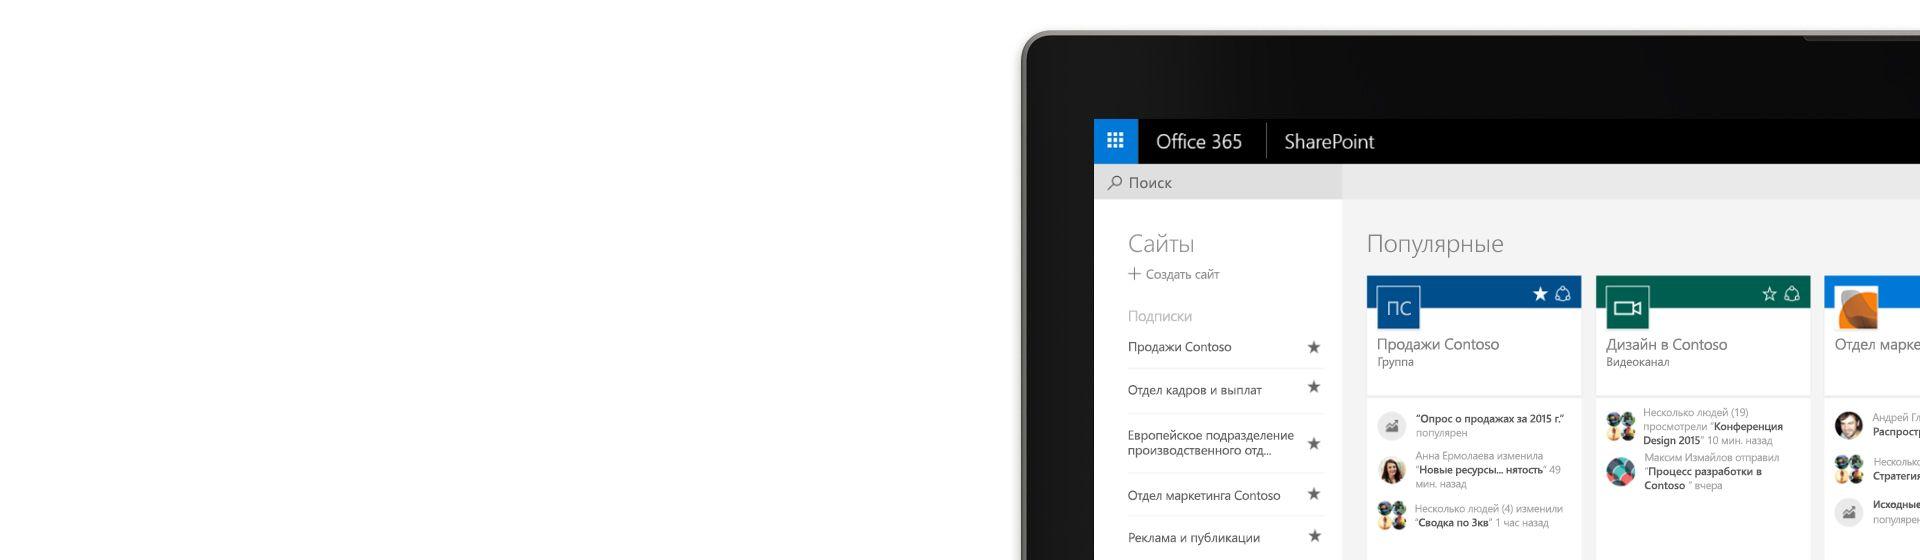 Угол экрана ноутбука с приложением SharePoint в Office365 для компании Contoso